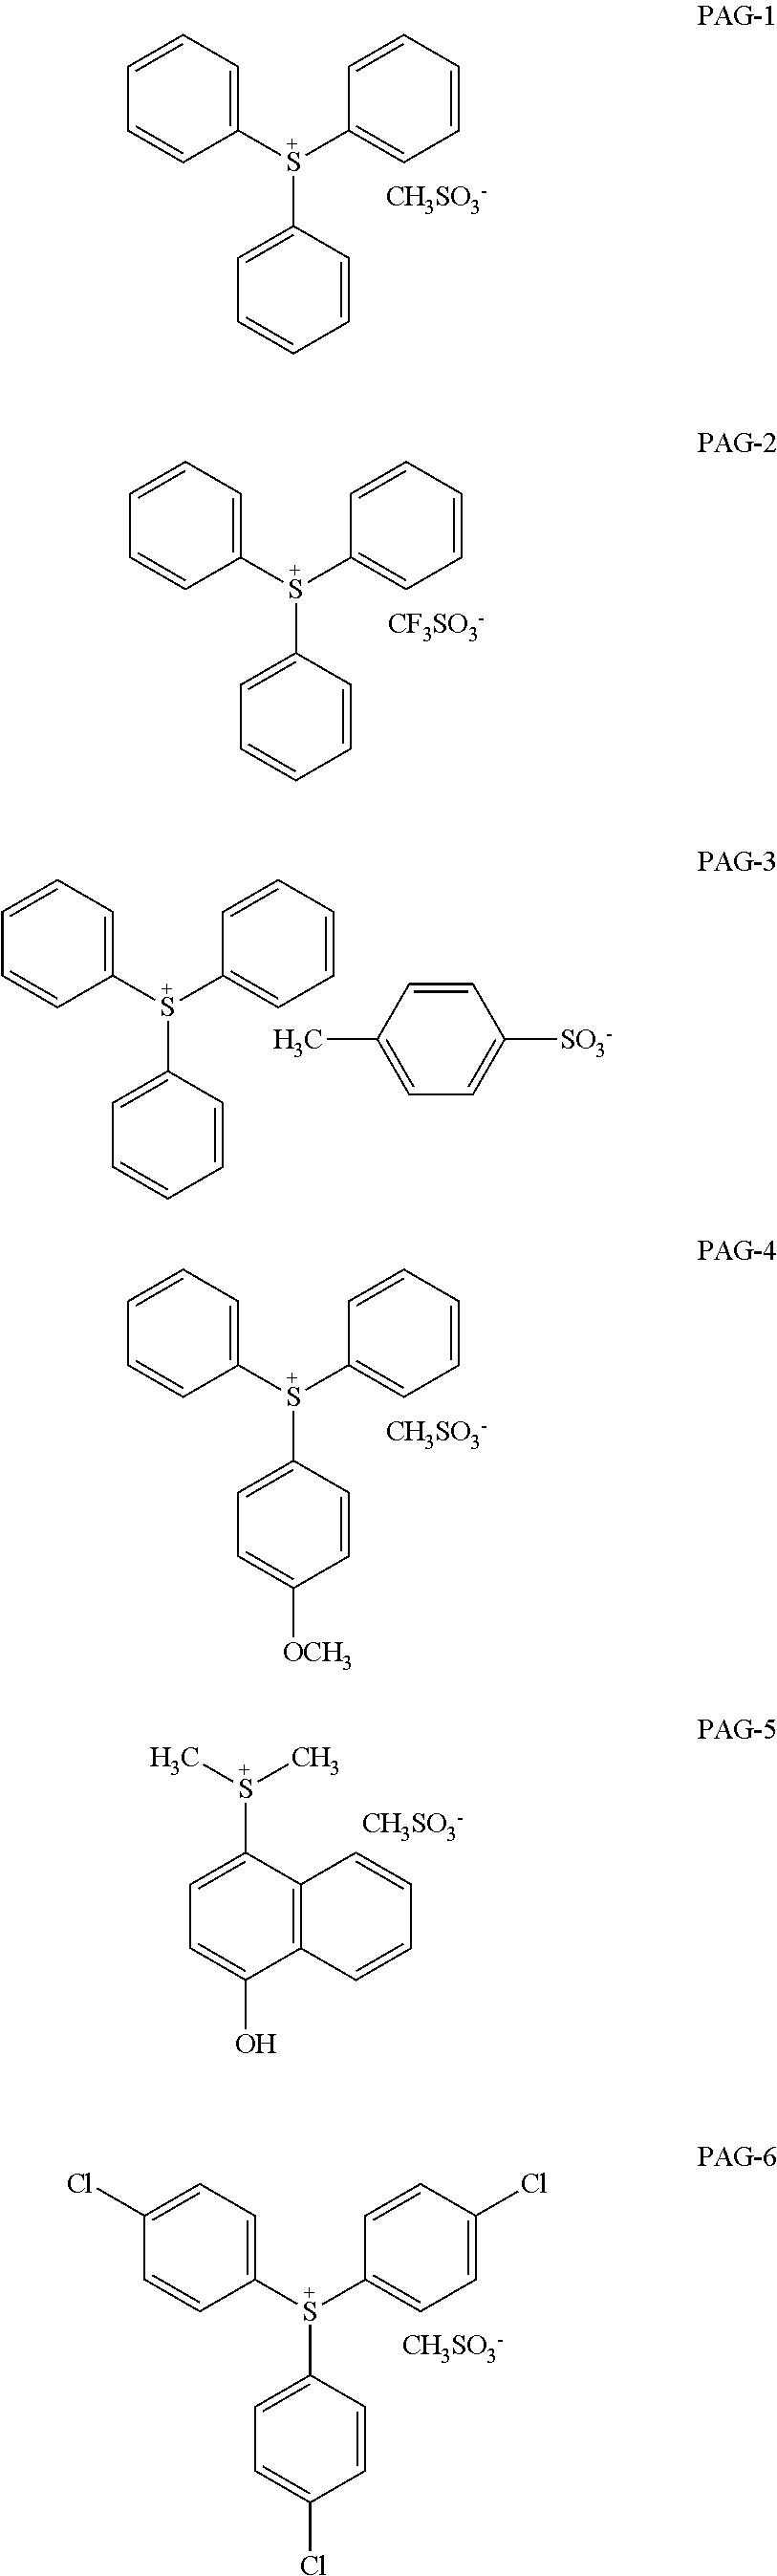 Figure US20150219993A1-20150806-C00024